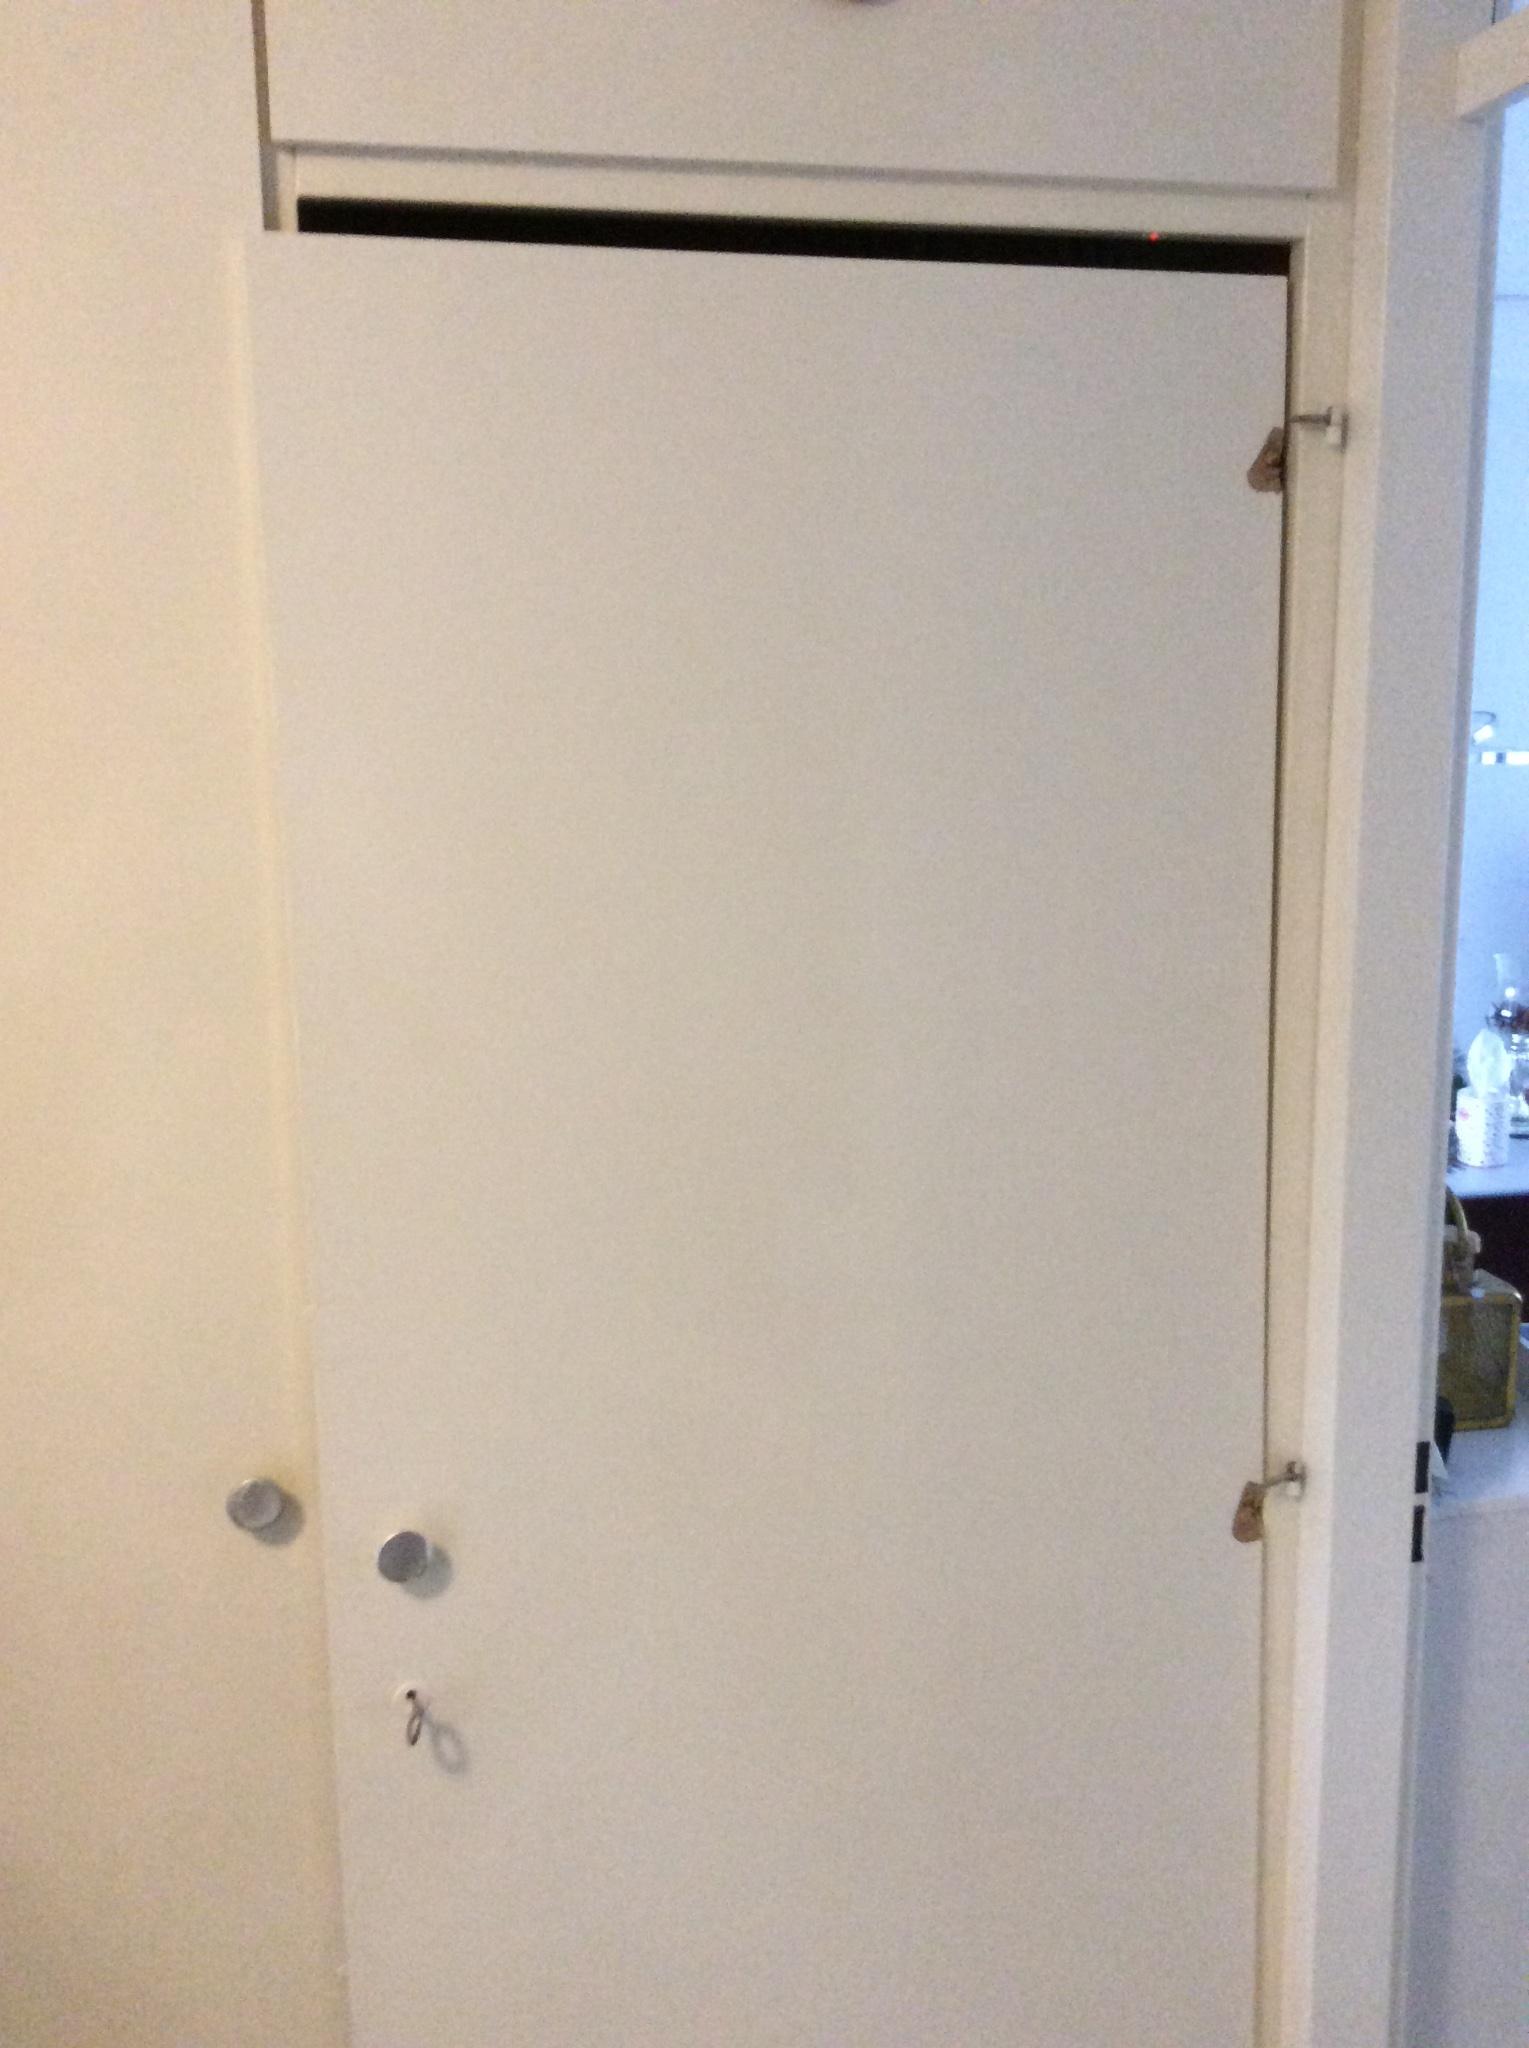 Bekend Deur van de MeterKast vervangen, bij scharnier punten is hout ZB73